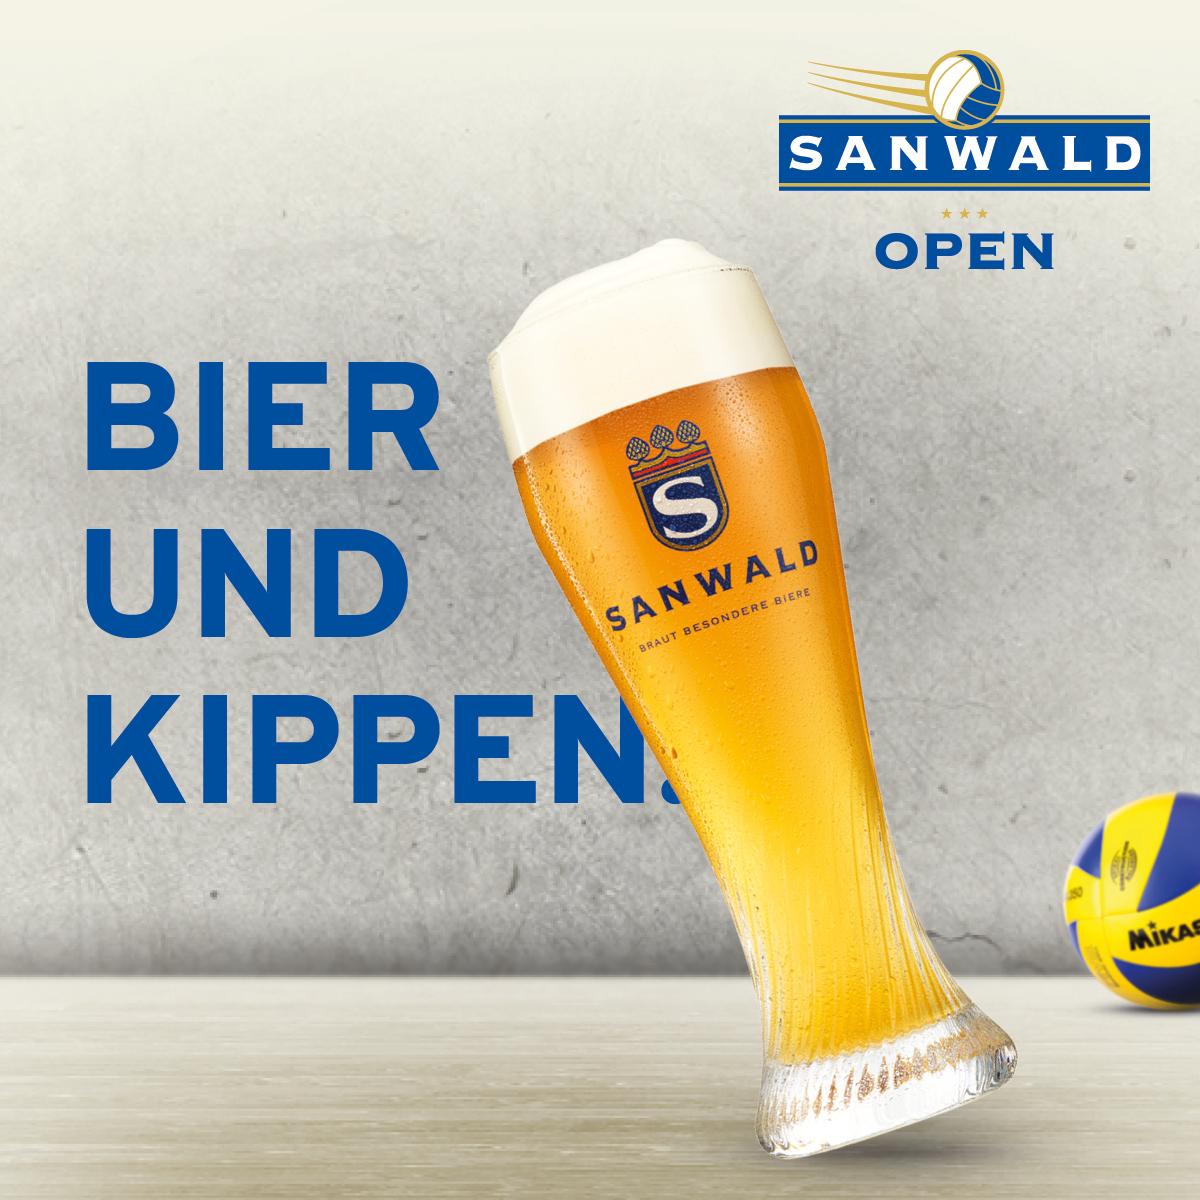 Sanwald Open - Instagram Post